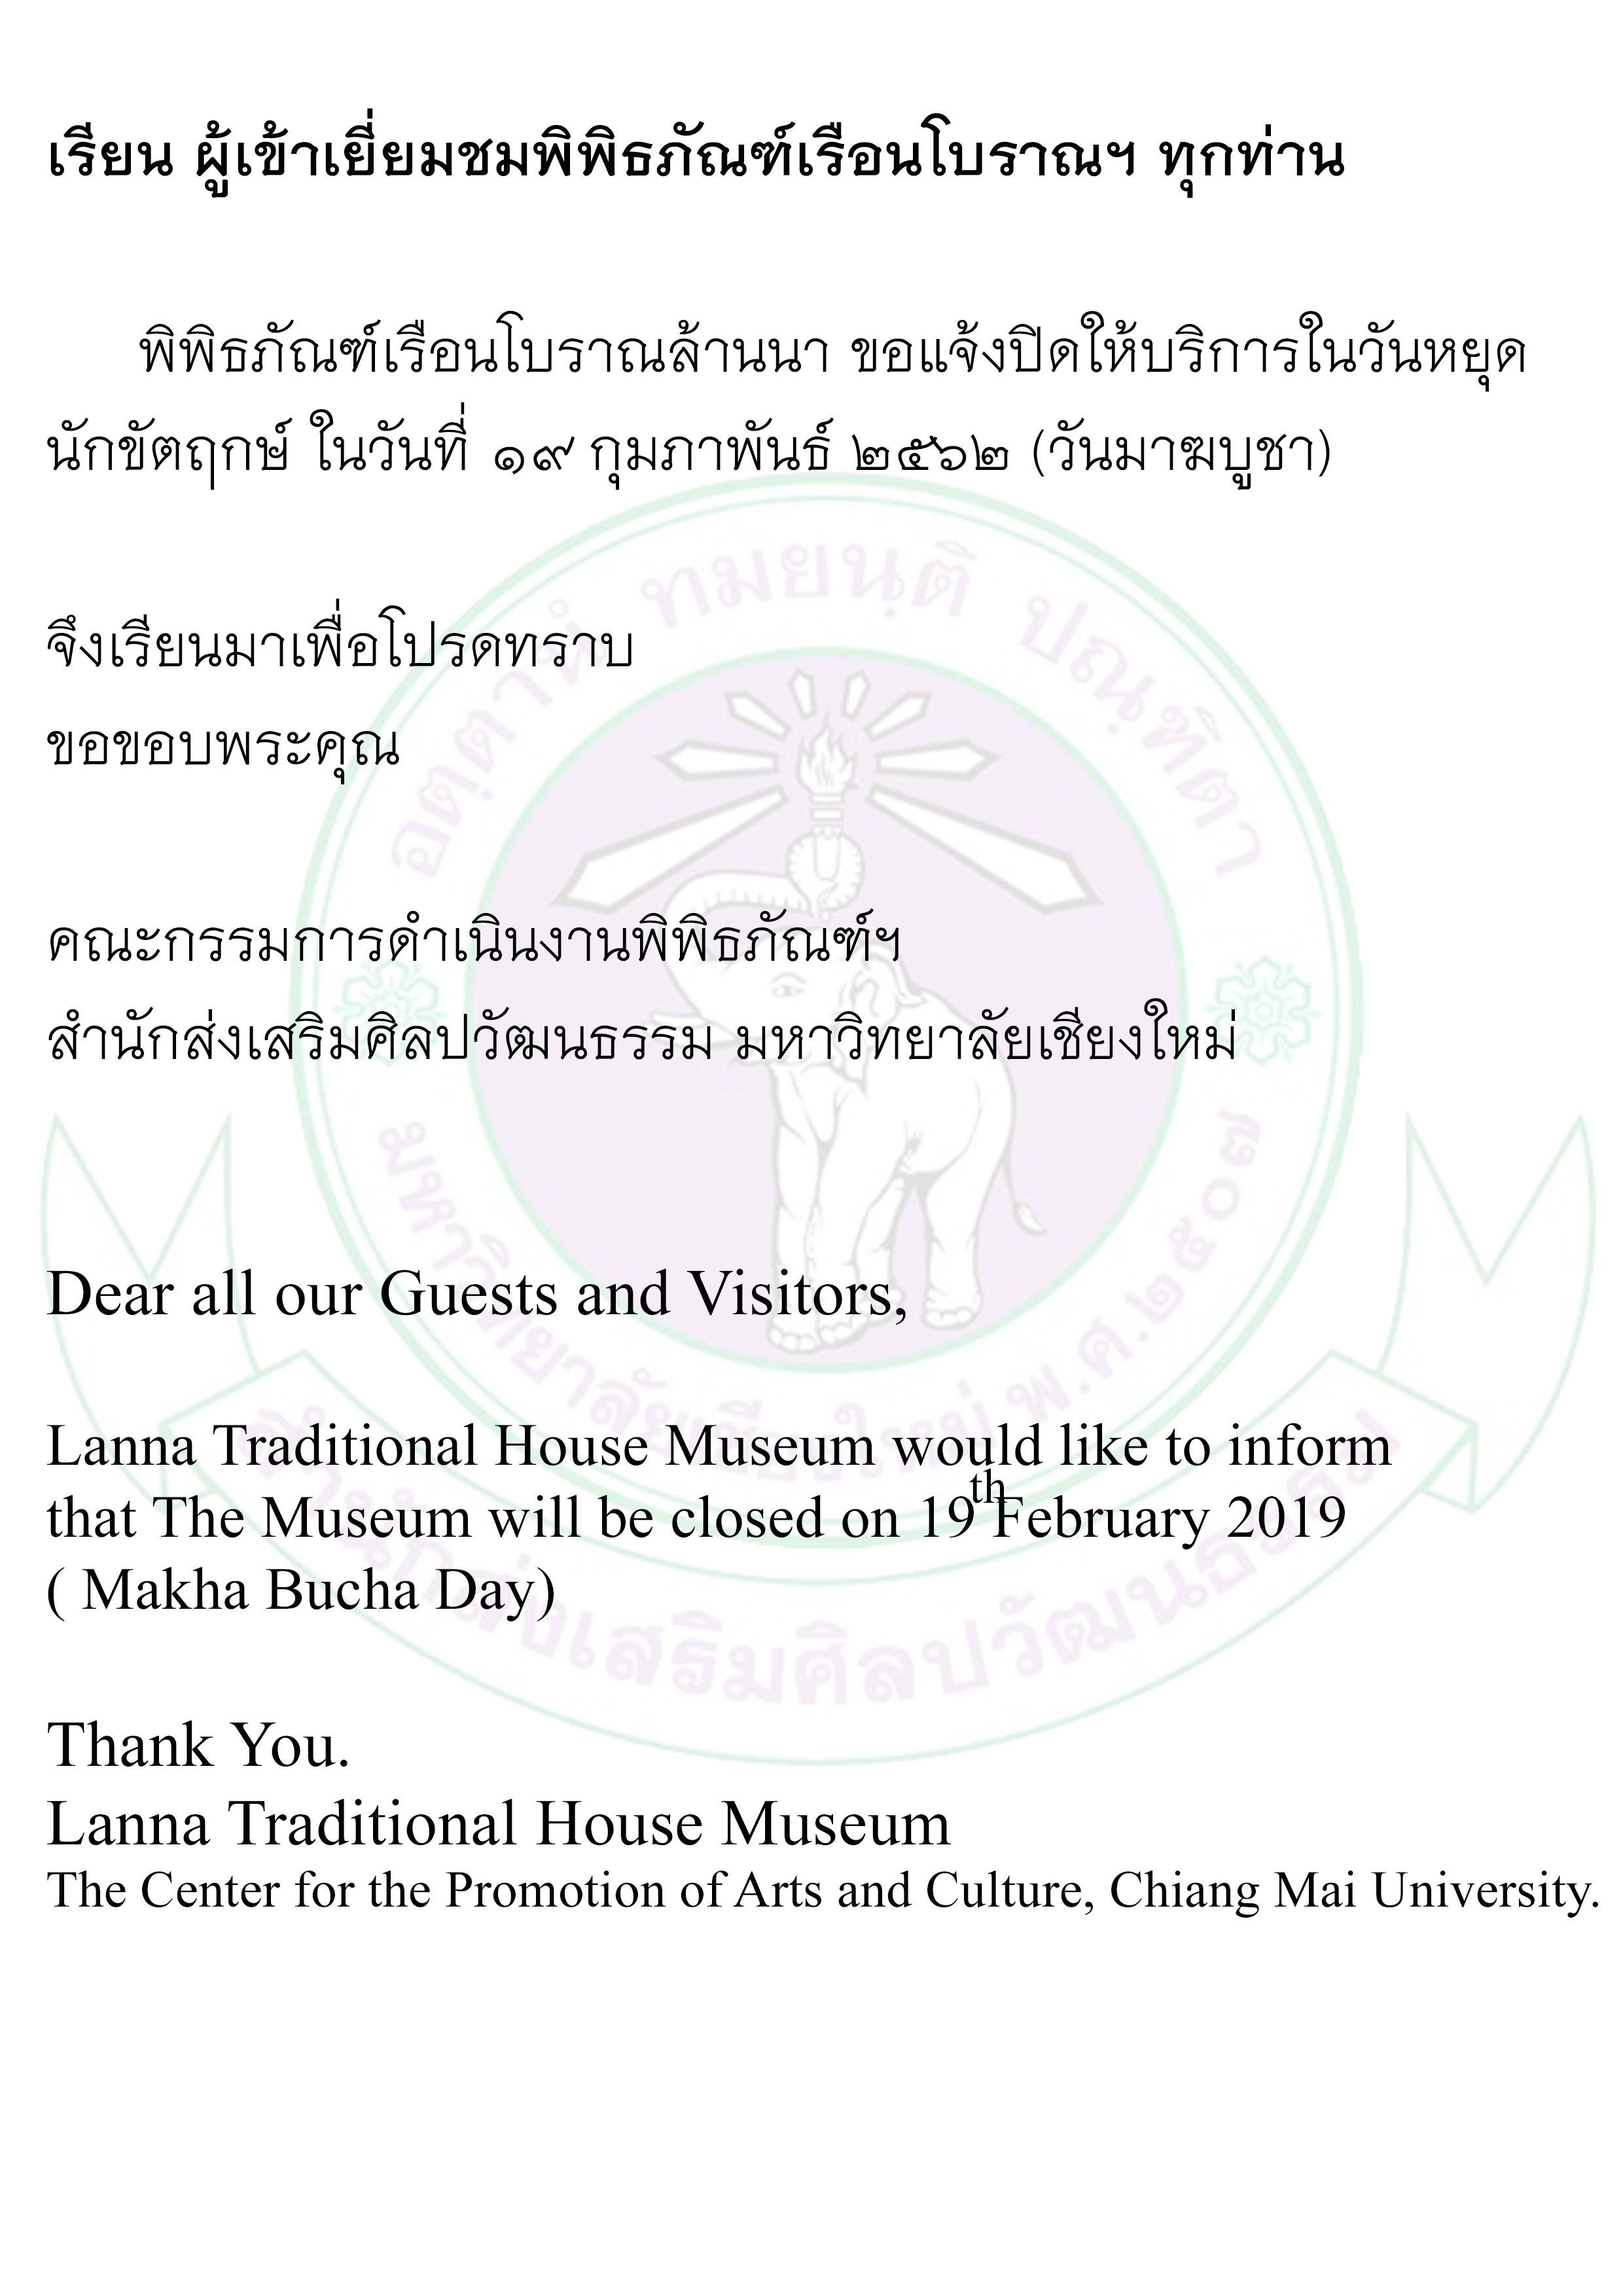 พิพิธภัณฑ์เรือนโบราณล้านนา ขอแจ้งปิดให้บริการในวันหยุดนักขัตฤกษ์  ในวันอังคารที่ 19 กุมภาพันธ์ 2562  (วันมาฆบูชา)